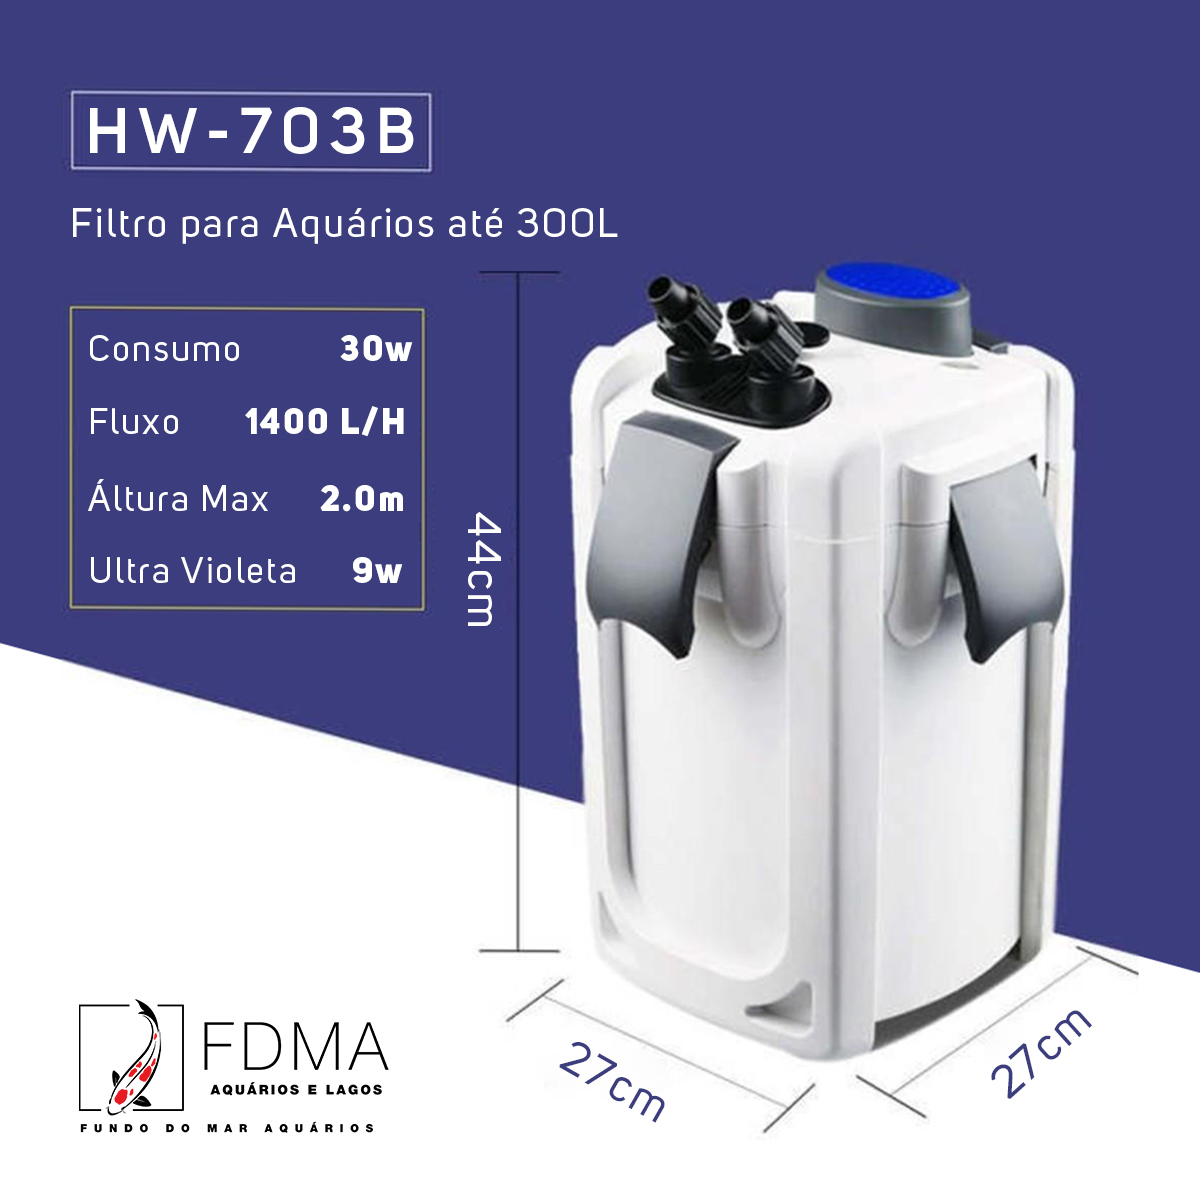 SunSun Filtro Canister Hw-703b 1400l/h Uv 9w até 300L Brinde